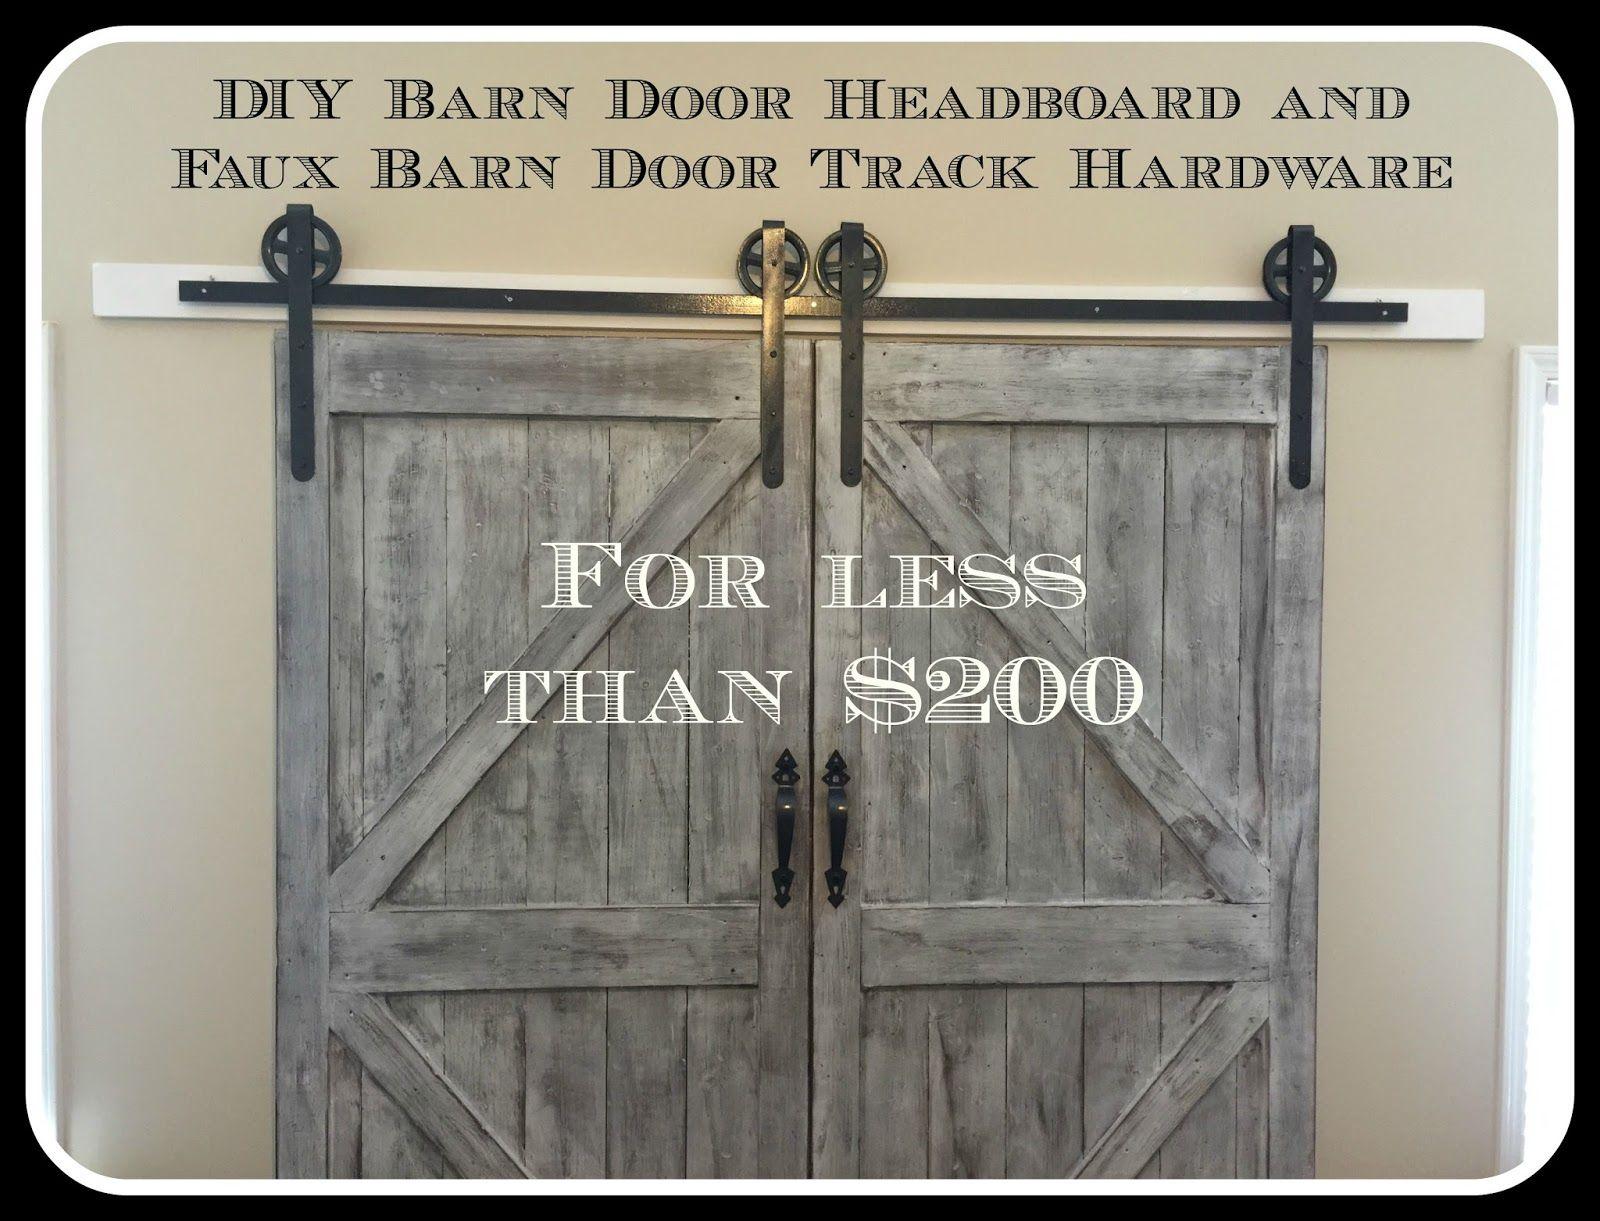 Barn door hardware rlp v track rectangular hanger reclaimed lumber - Cheaper And Better Diy Barn Door Headboard And Faux Barn Door Track Hardware